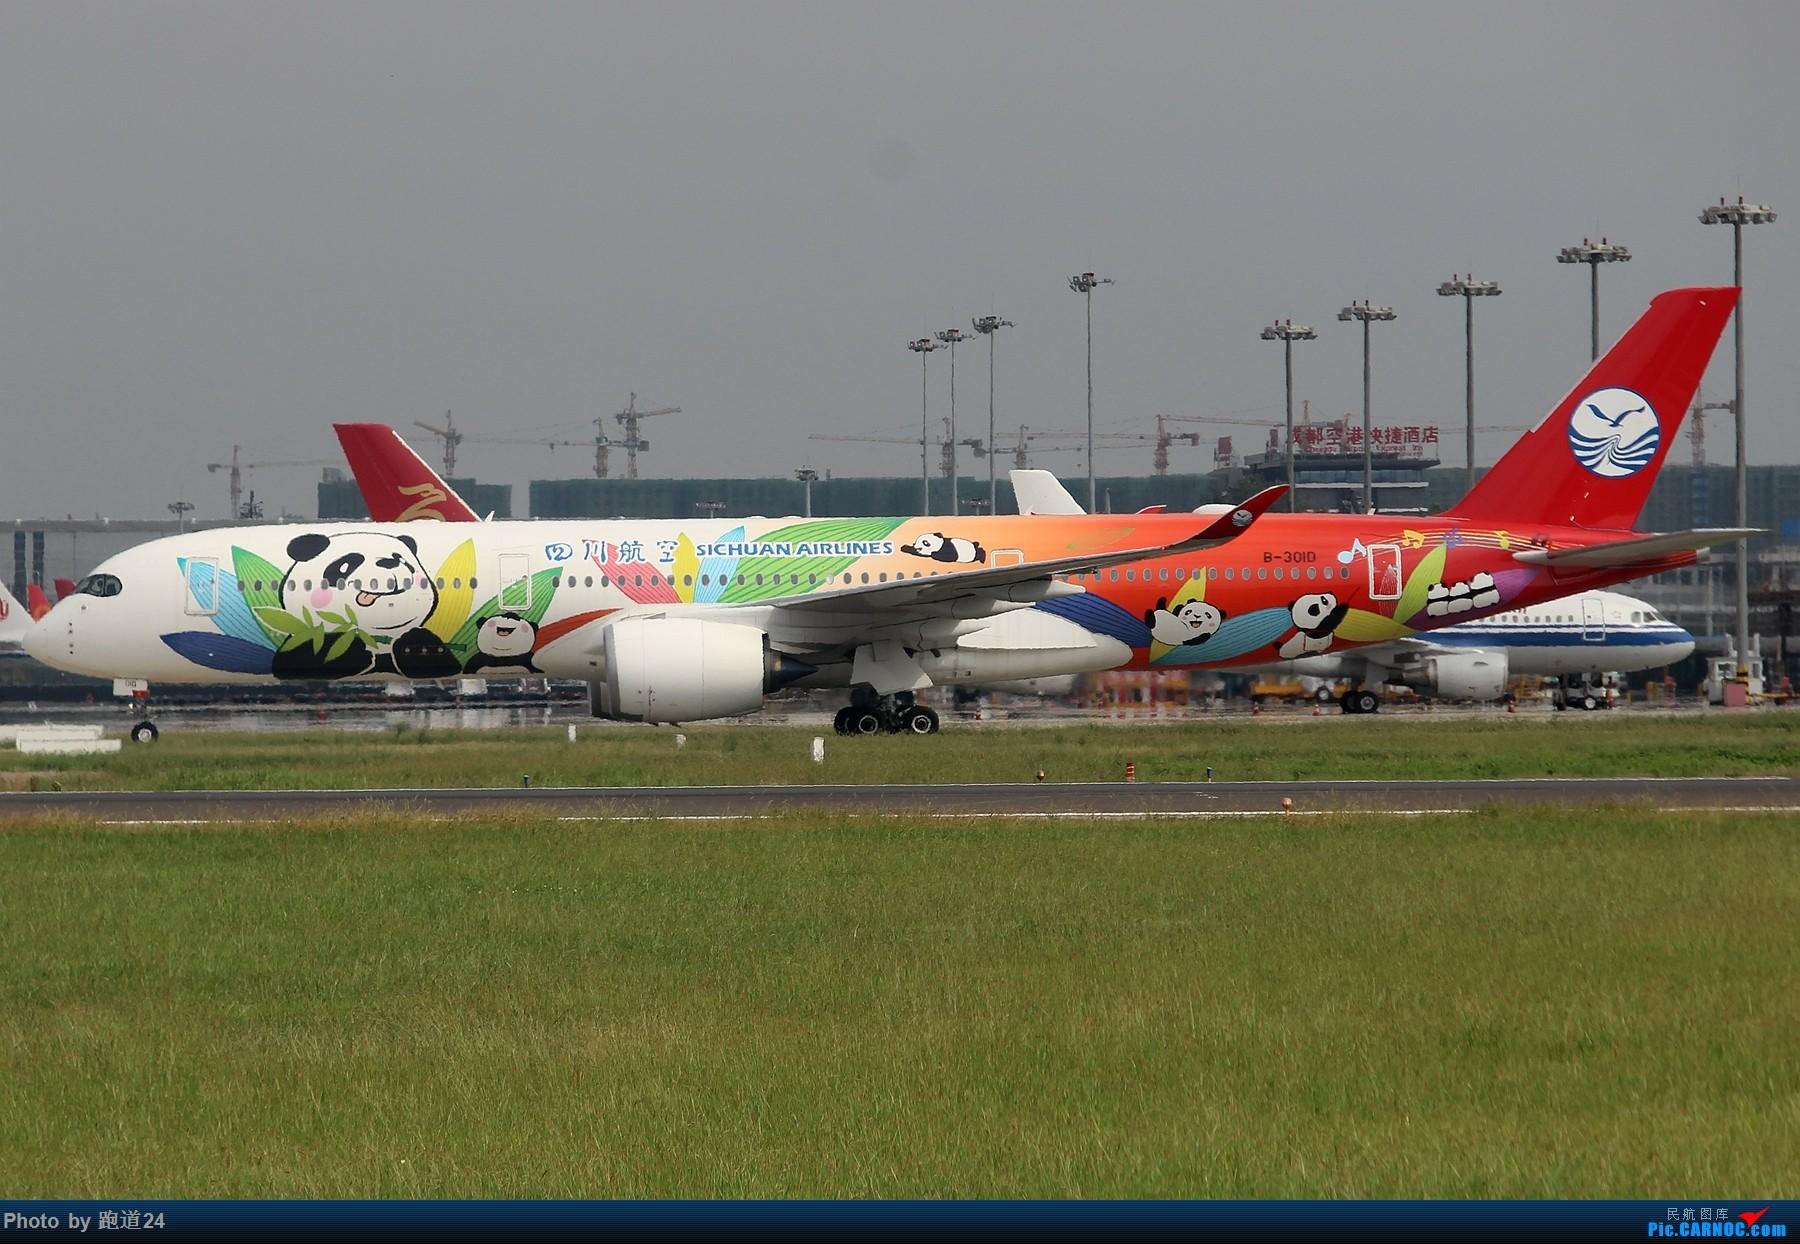 Re:[原创]【多图党】9.16CTU拍机 1800*1200 AIRBUS A350-900 B-301D 中国成都双流国际机场